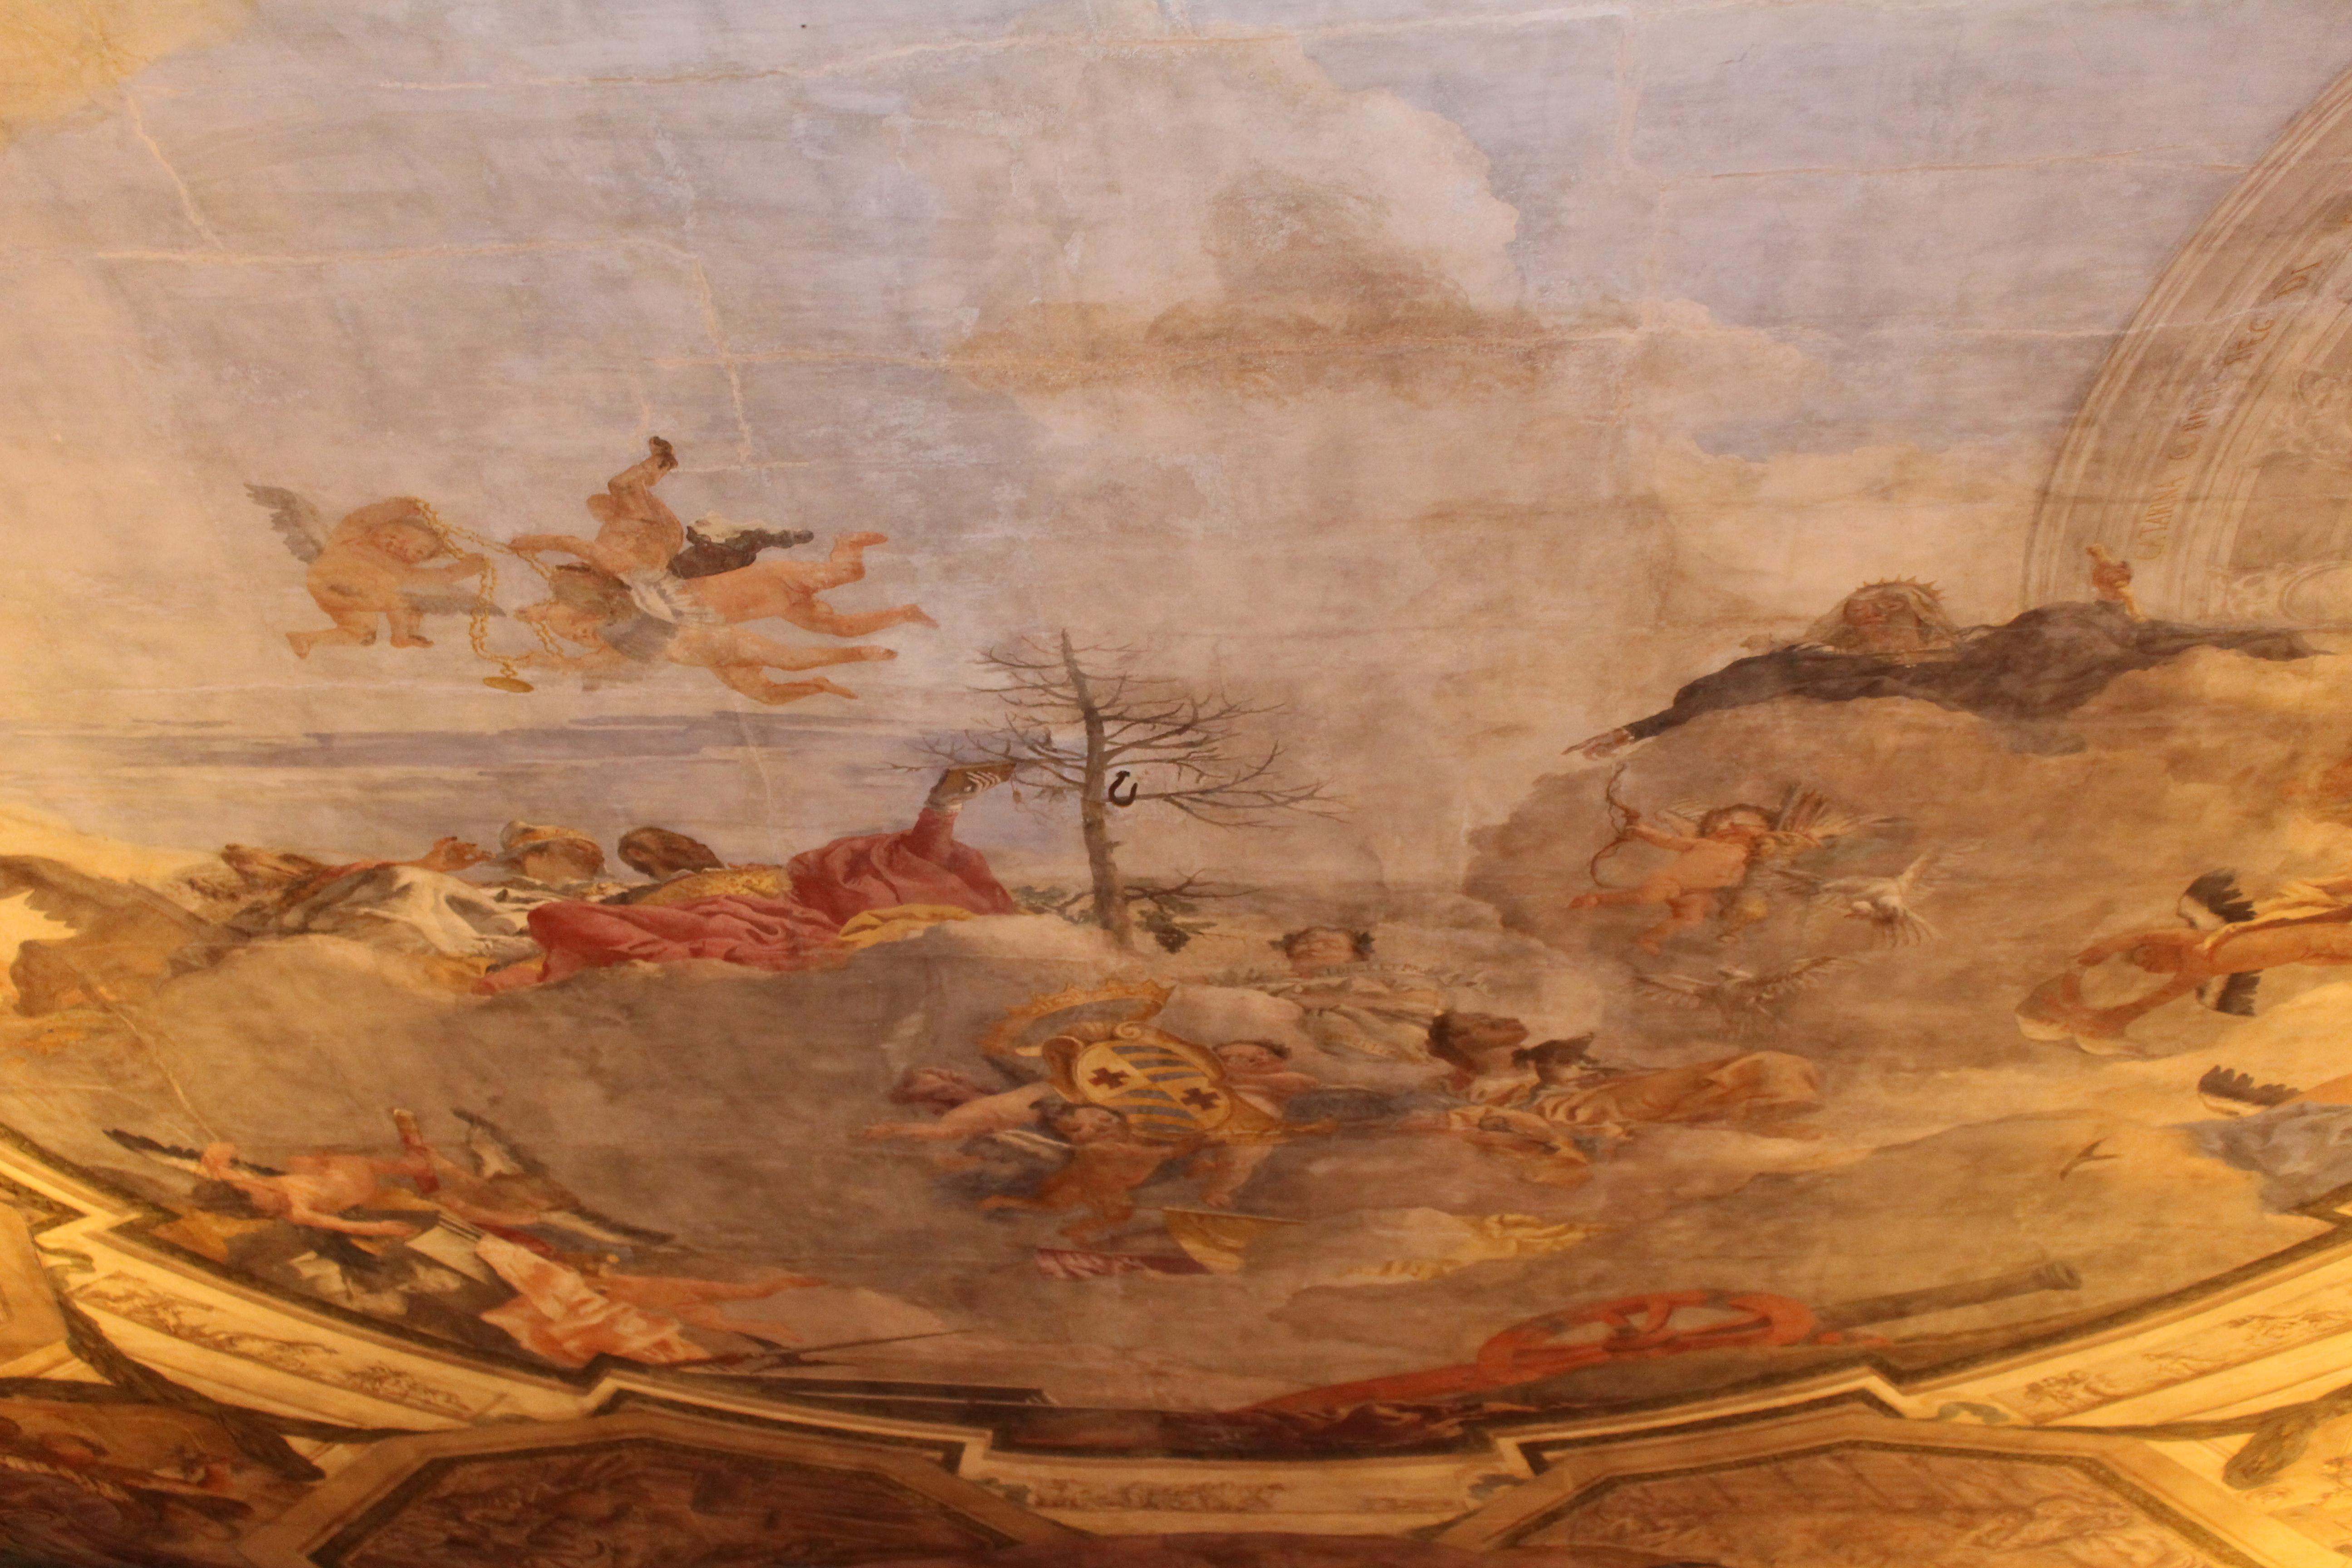 partie centrale de la fresque du plafond avec le blason des Contarini enrichi par la couronne (pour la nomination de Comte de Giaffa, c'est-à-dire Zaffo, en Palestine, attribuée par Caterina Cornaro, Reine de Chypre, à Giorgio Contarini en 1473). Le titre a fait Contarini le premier dignitaire de l'île, mais après la conquête turque, le titre est resté seulement honorifique, bien que très convoité